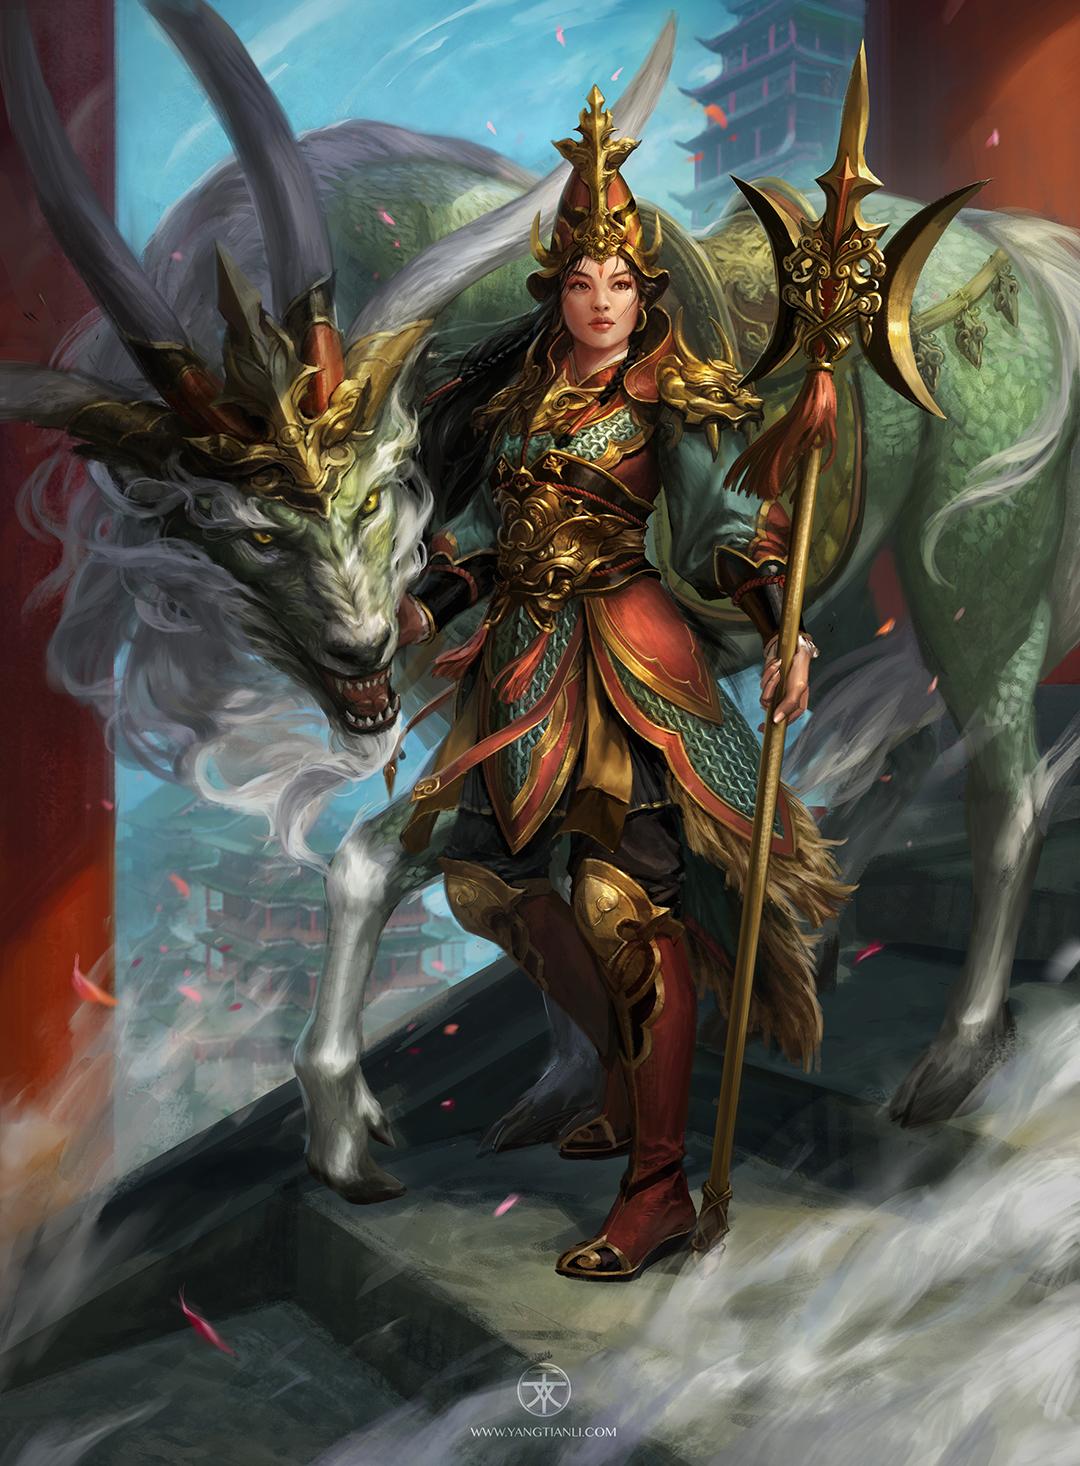 GirlsclubAsia-Artist-Yangtian Li-heaven guardian hd